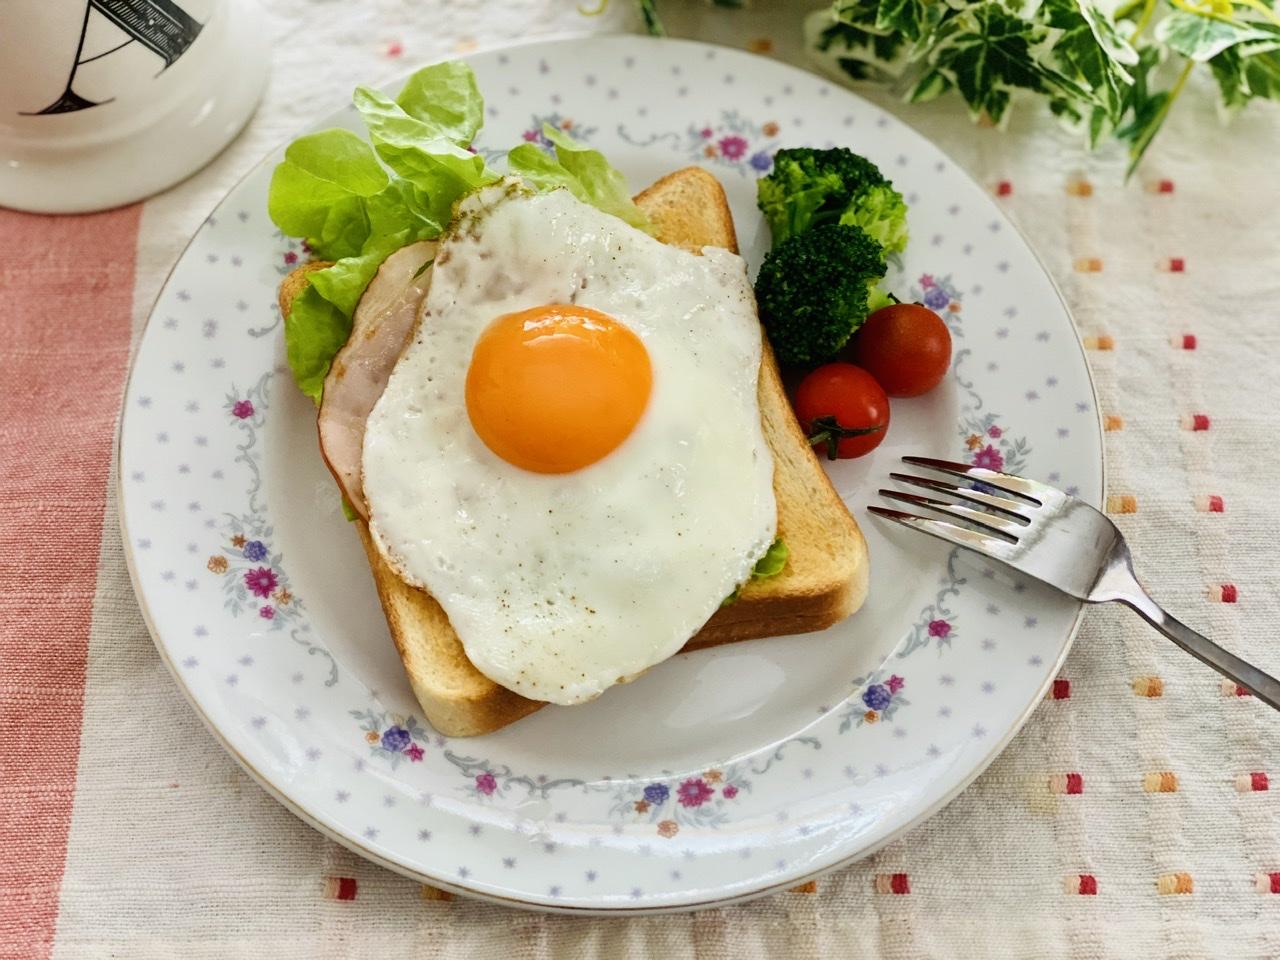 【おうち時間】簡単なのに絶品!《アレンジトースト》の人気レシピを実践してみた♡_5